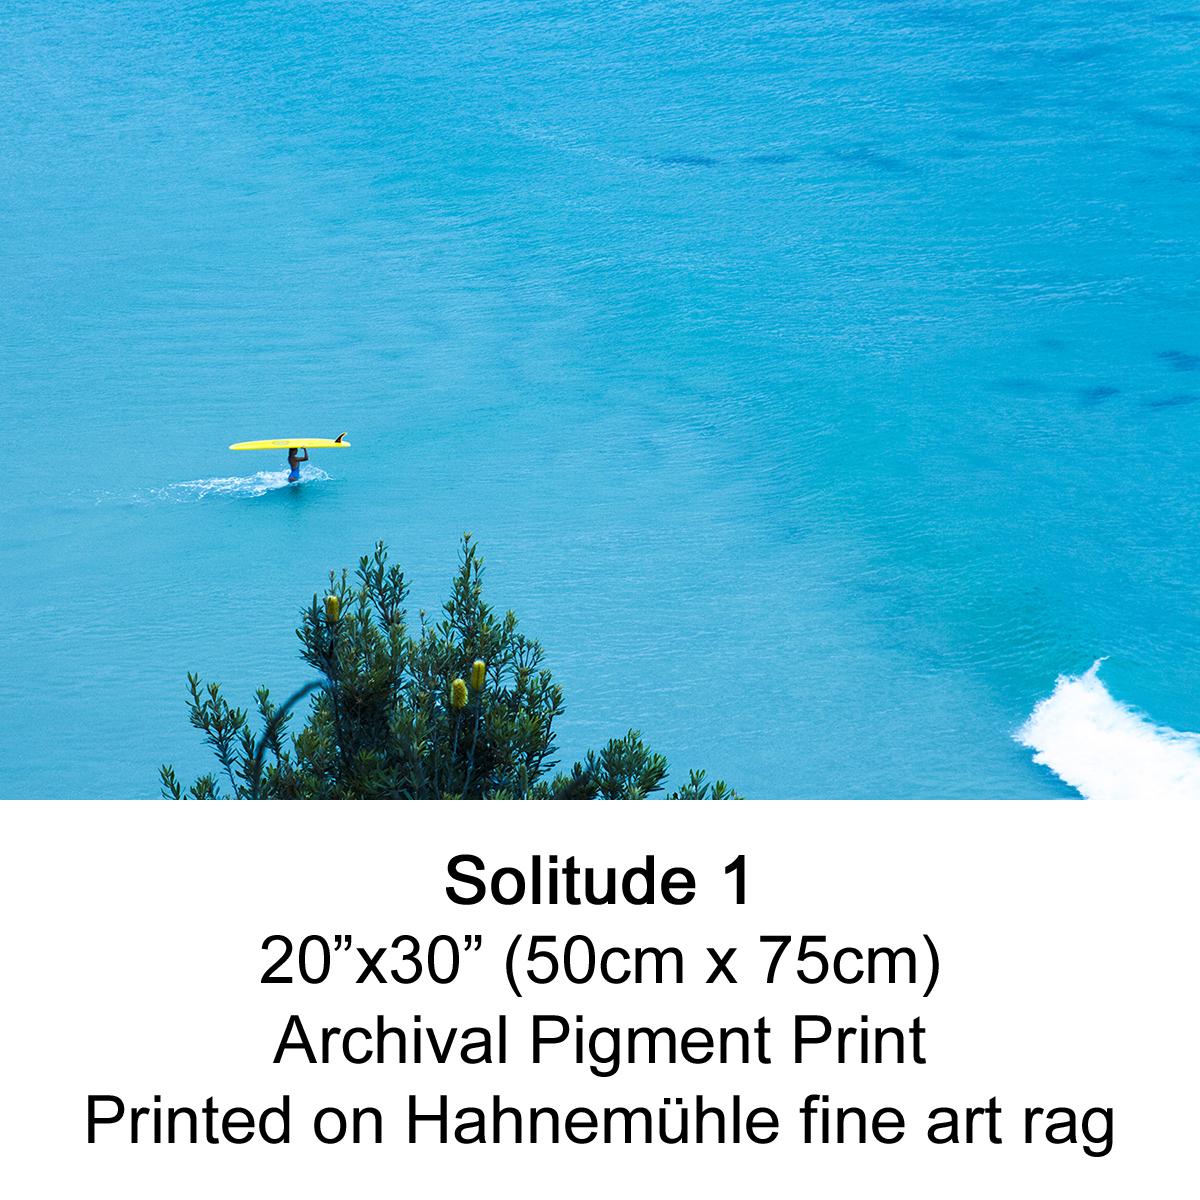 Solitude 1 by fran miller.jpg